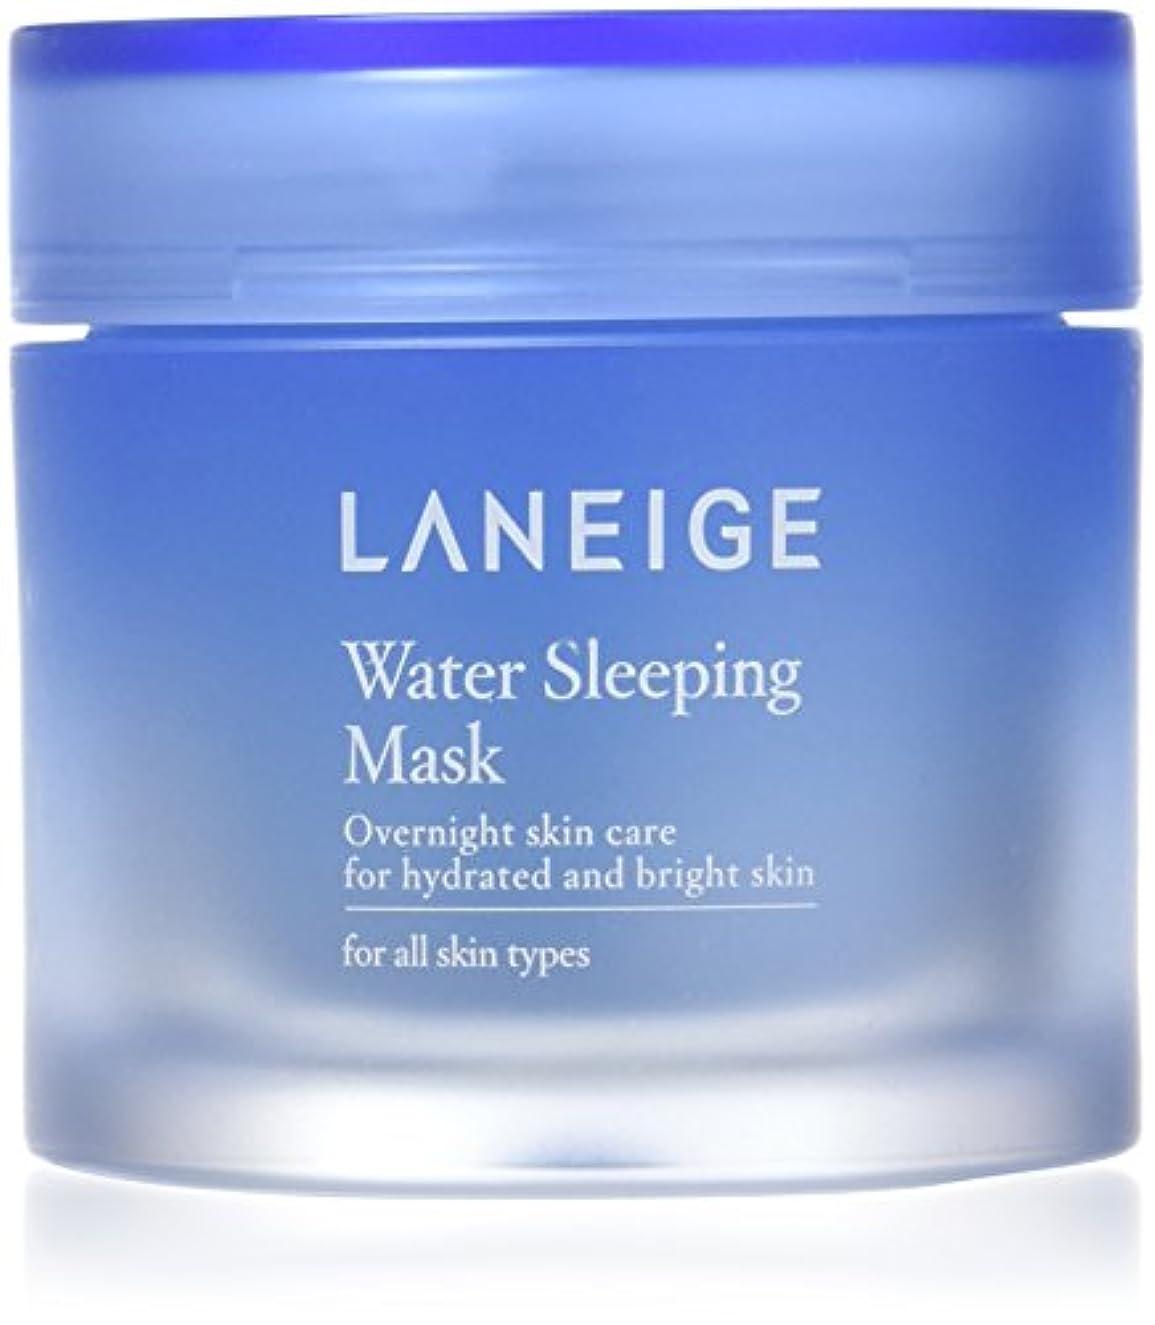 競争力のある内向き悪のLANEIGE/ラネージュ ウォータースリーピング マスク 70ml/Laneige Water Sleeping Mask 70ml [海外直送品]